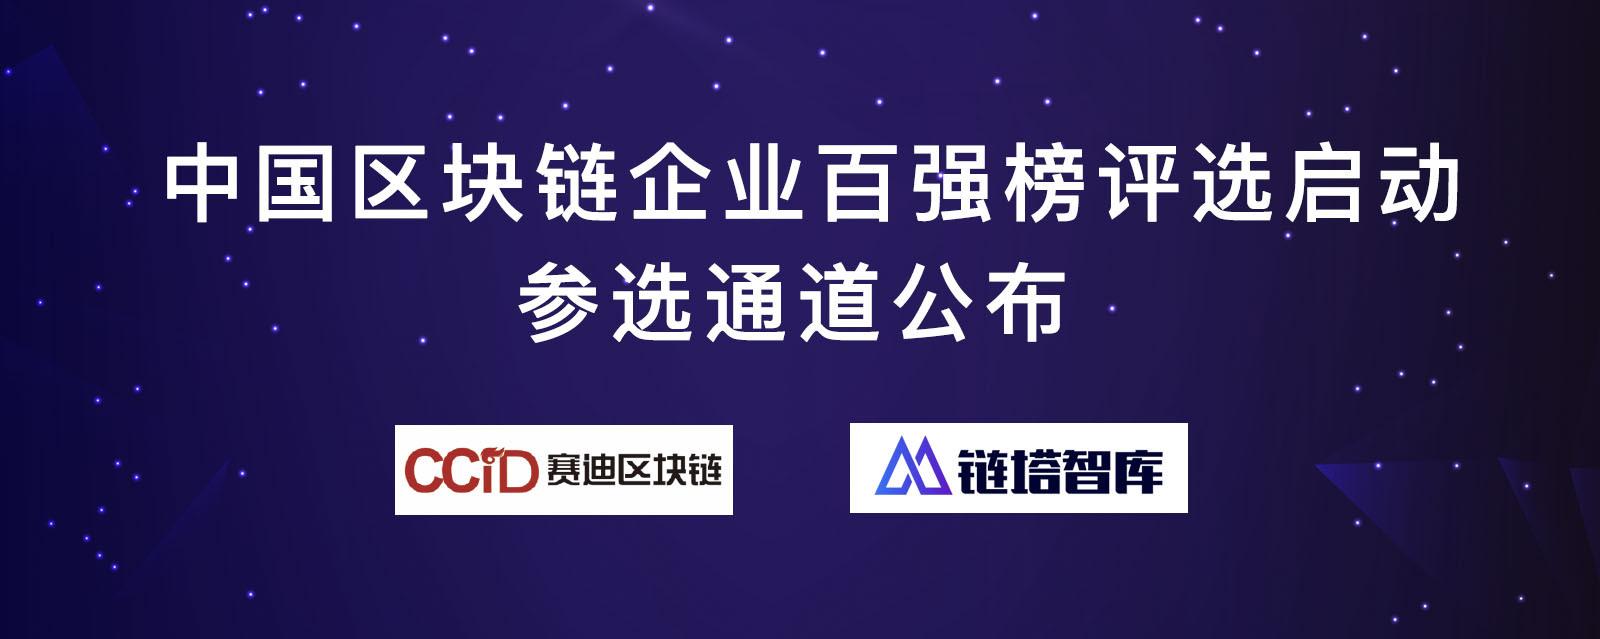 链塔智库将与工信部赛迪区块链研究院联合发布中国区块链百强榜